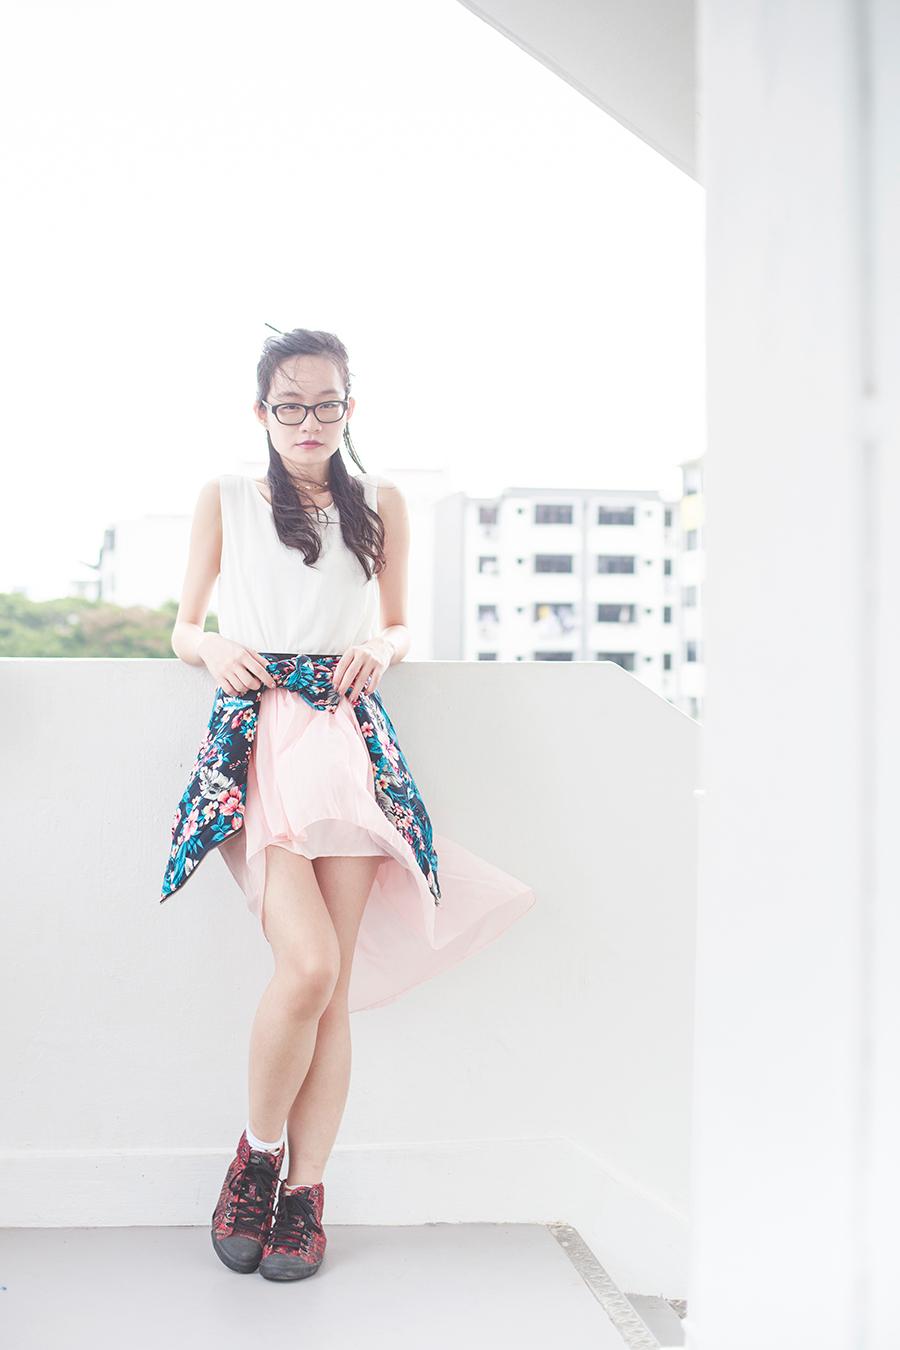 Wedding night outfit: Dresslink chiffon backless top, high low pink skirt from Korea, Newdress blue floral jacket, Osewaya mermaid earring, Alexander McQueen x Puma high top sneakers.